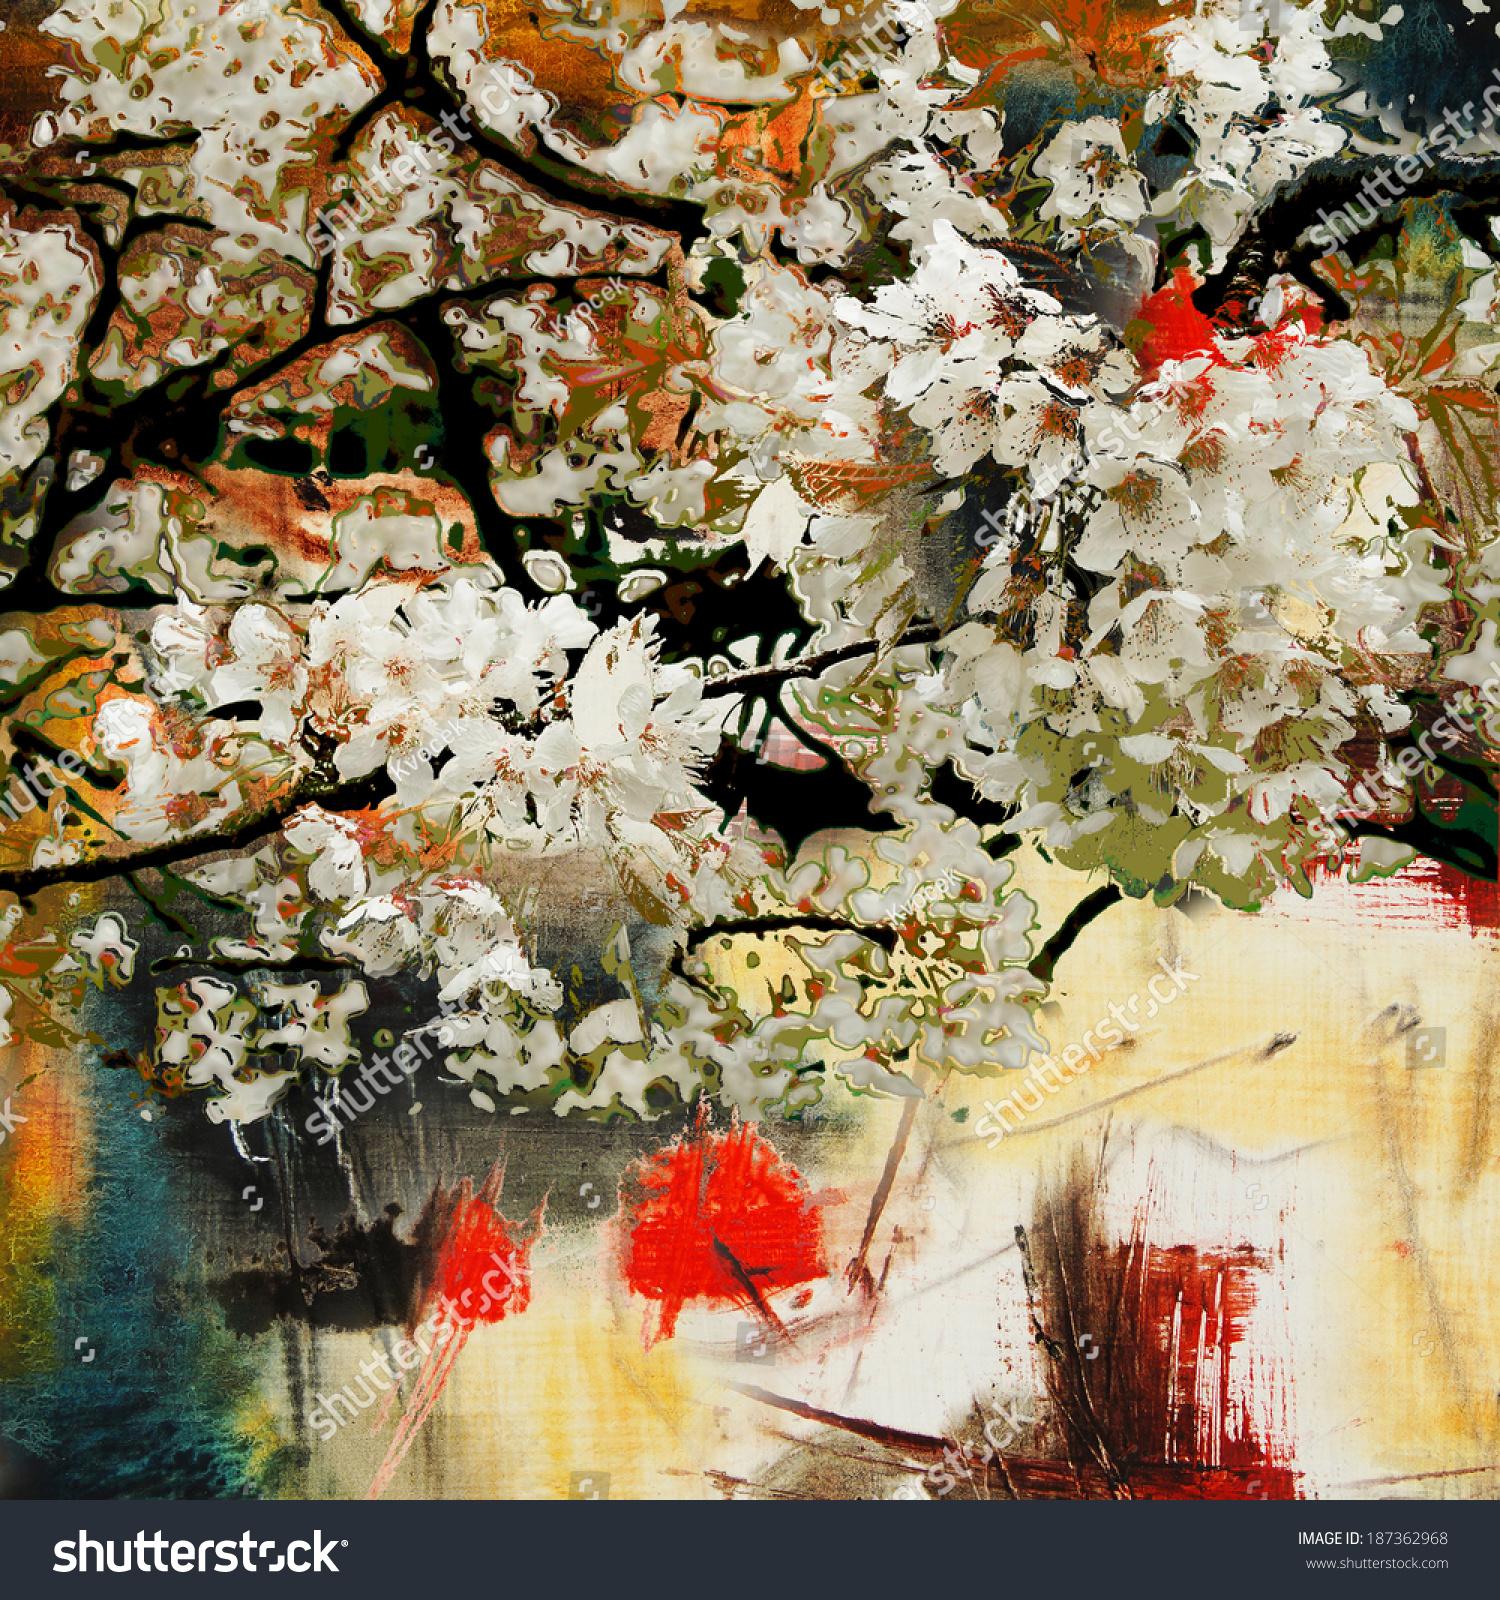 春天的主题,油画和混合媒体艺术背景